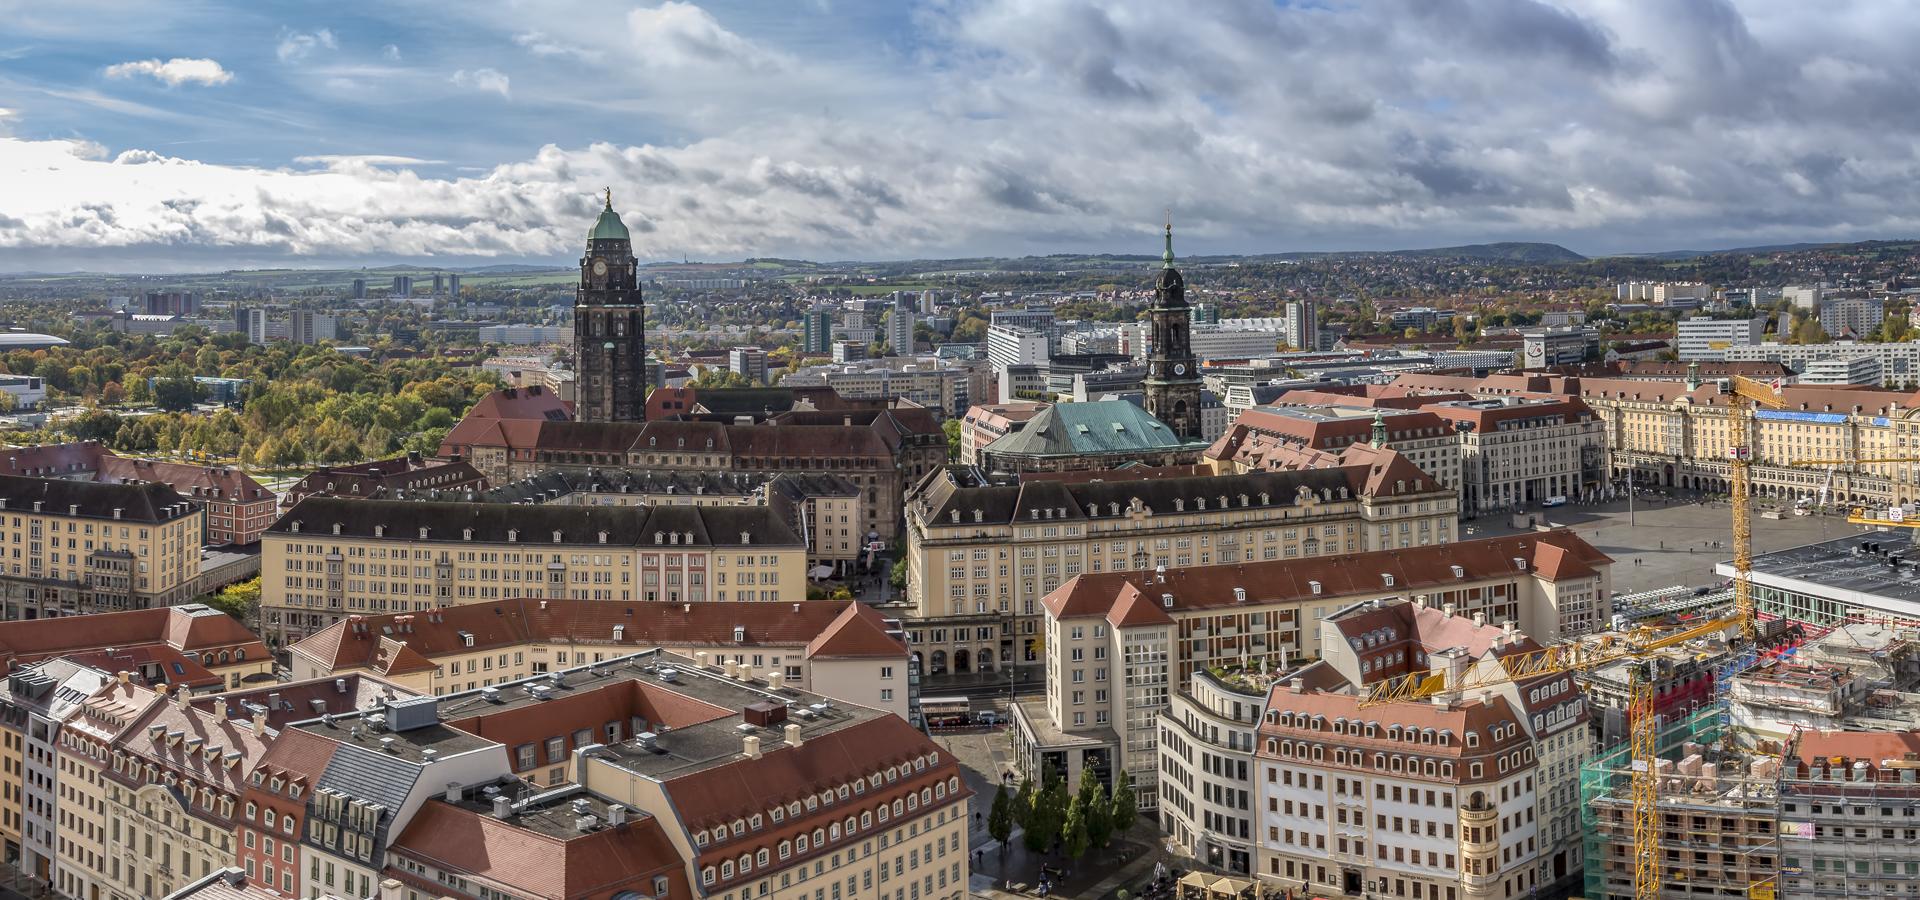 Peer-to-peer advisory in Dresden, Saxony, Germany